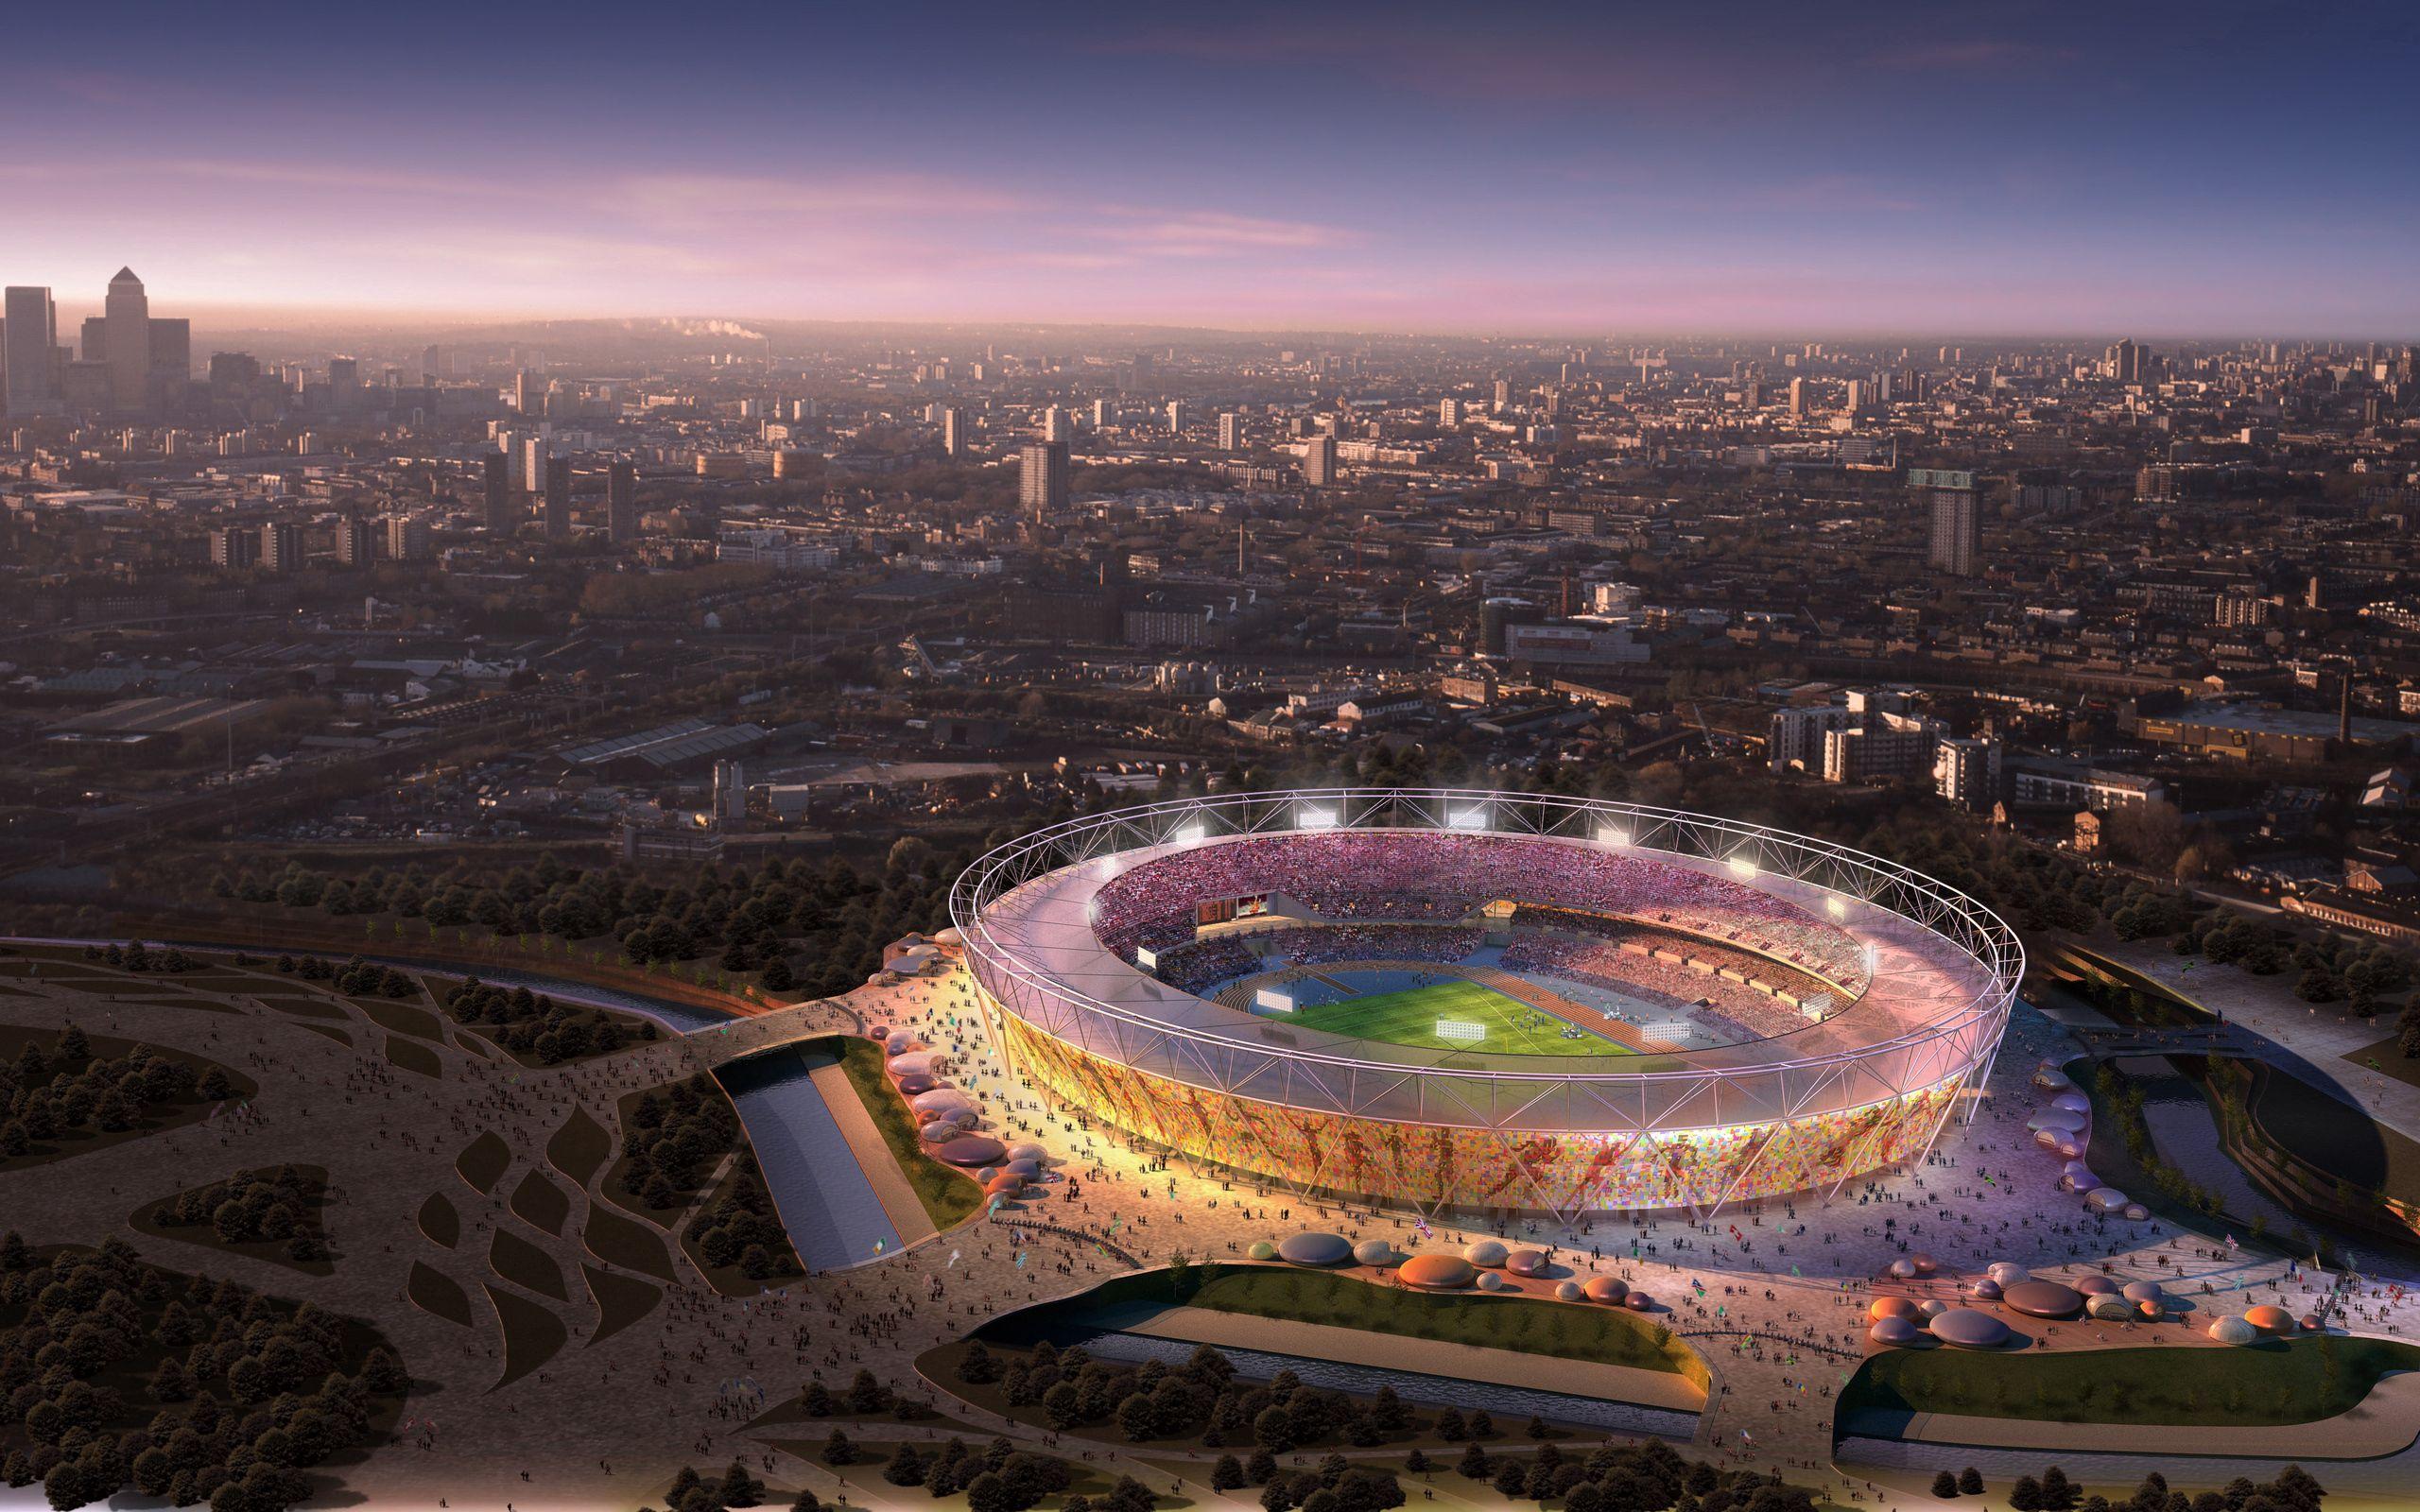 100607 Hintergrundbild herunterladen Sport, London, Olympia 2012, Olympische Spiele 2012, London 2012, Olympiastadion - Bildschirmschoner und Bilder kostenlos